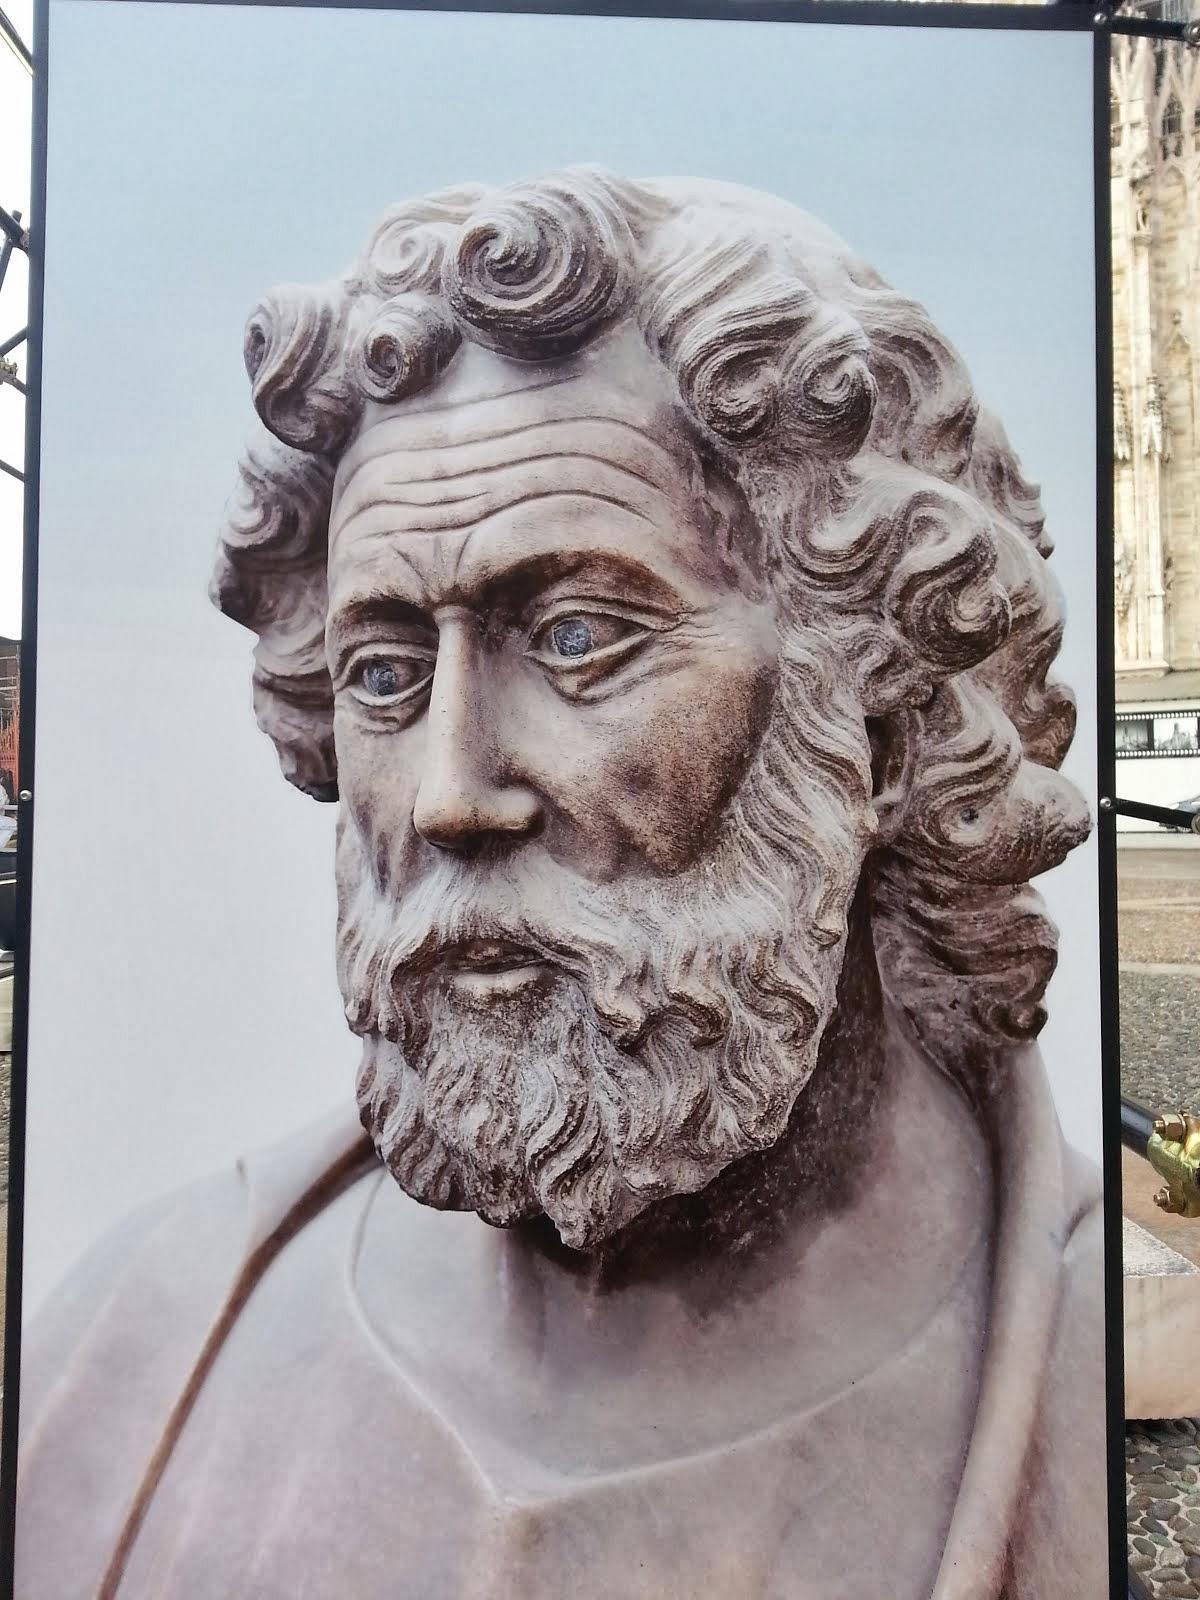 Totalmente rinnovato il MUSEO DEL DUOMO di Milano